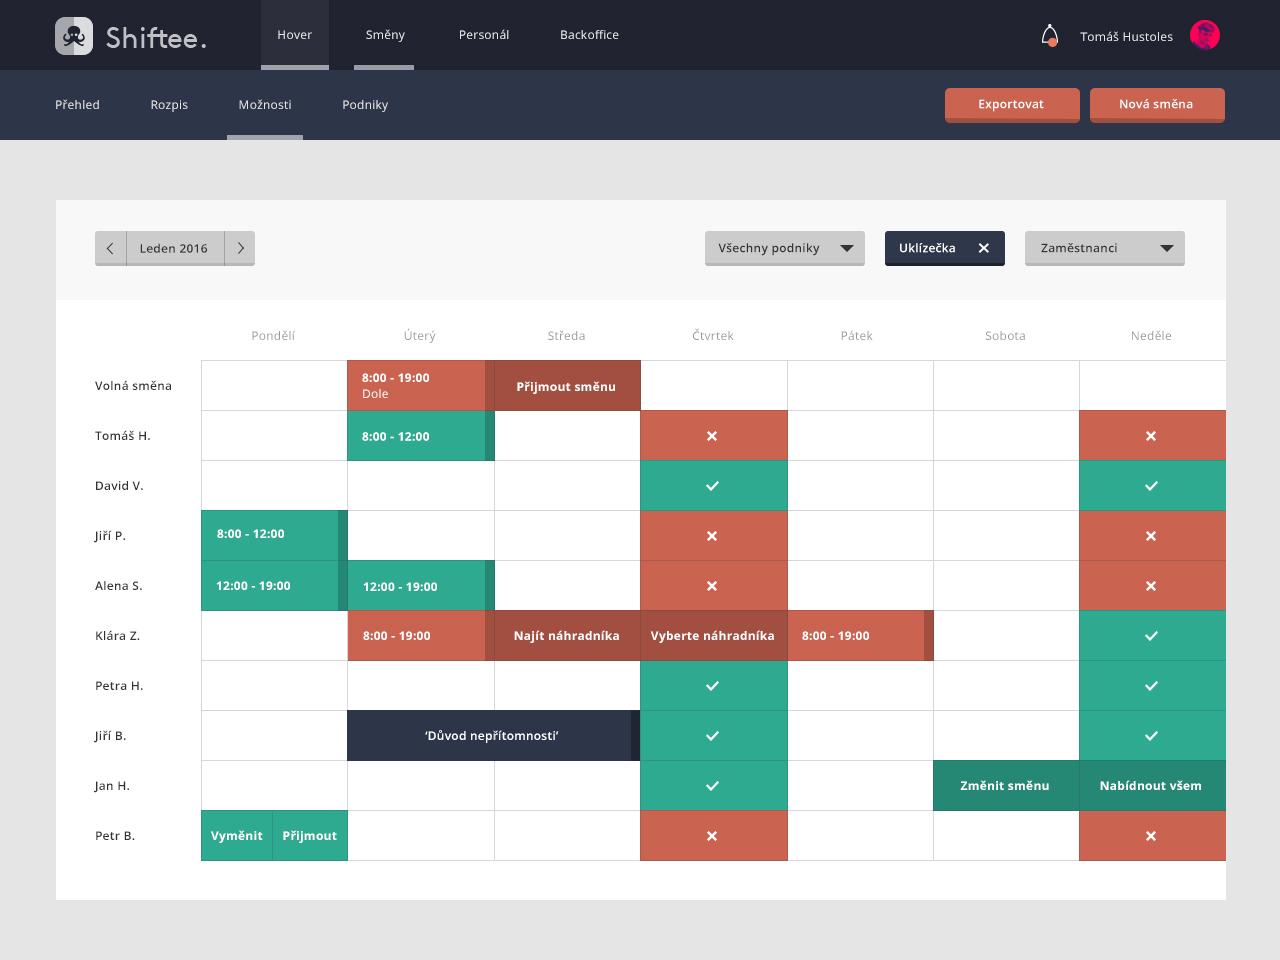 shiftee-calendar-moznostizamestnancu-portfolio